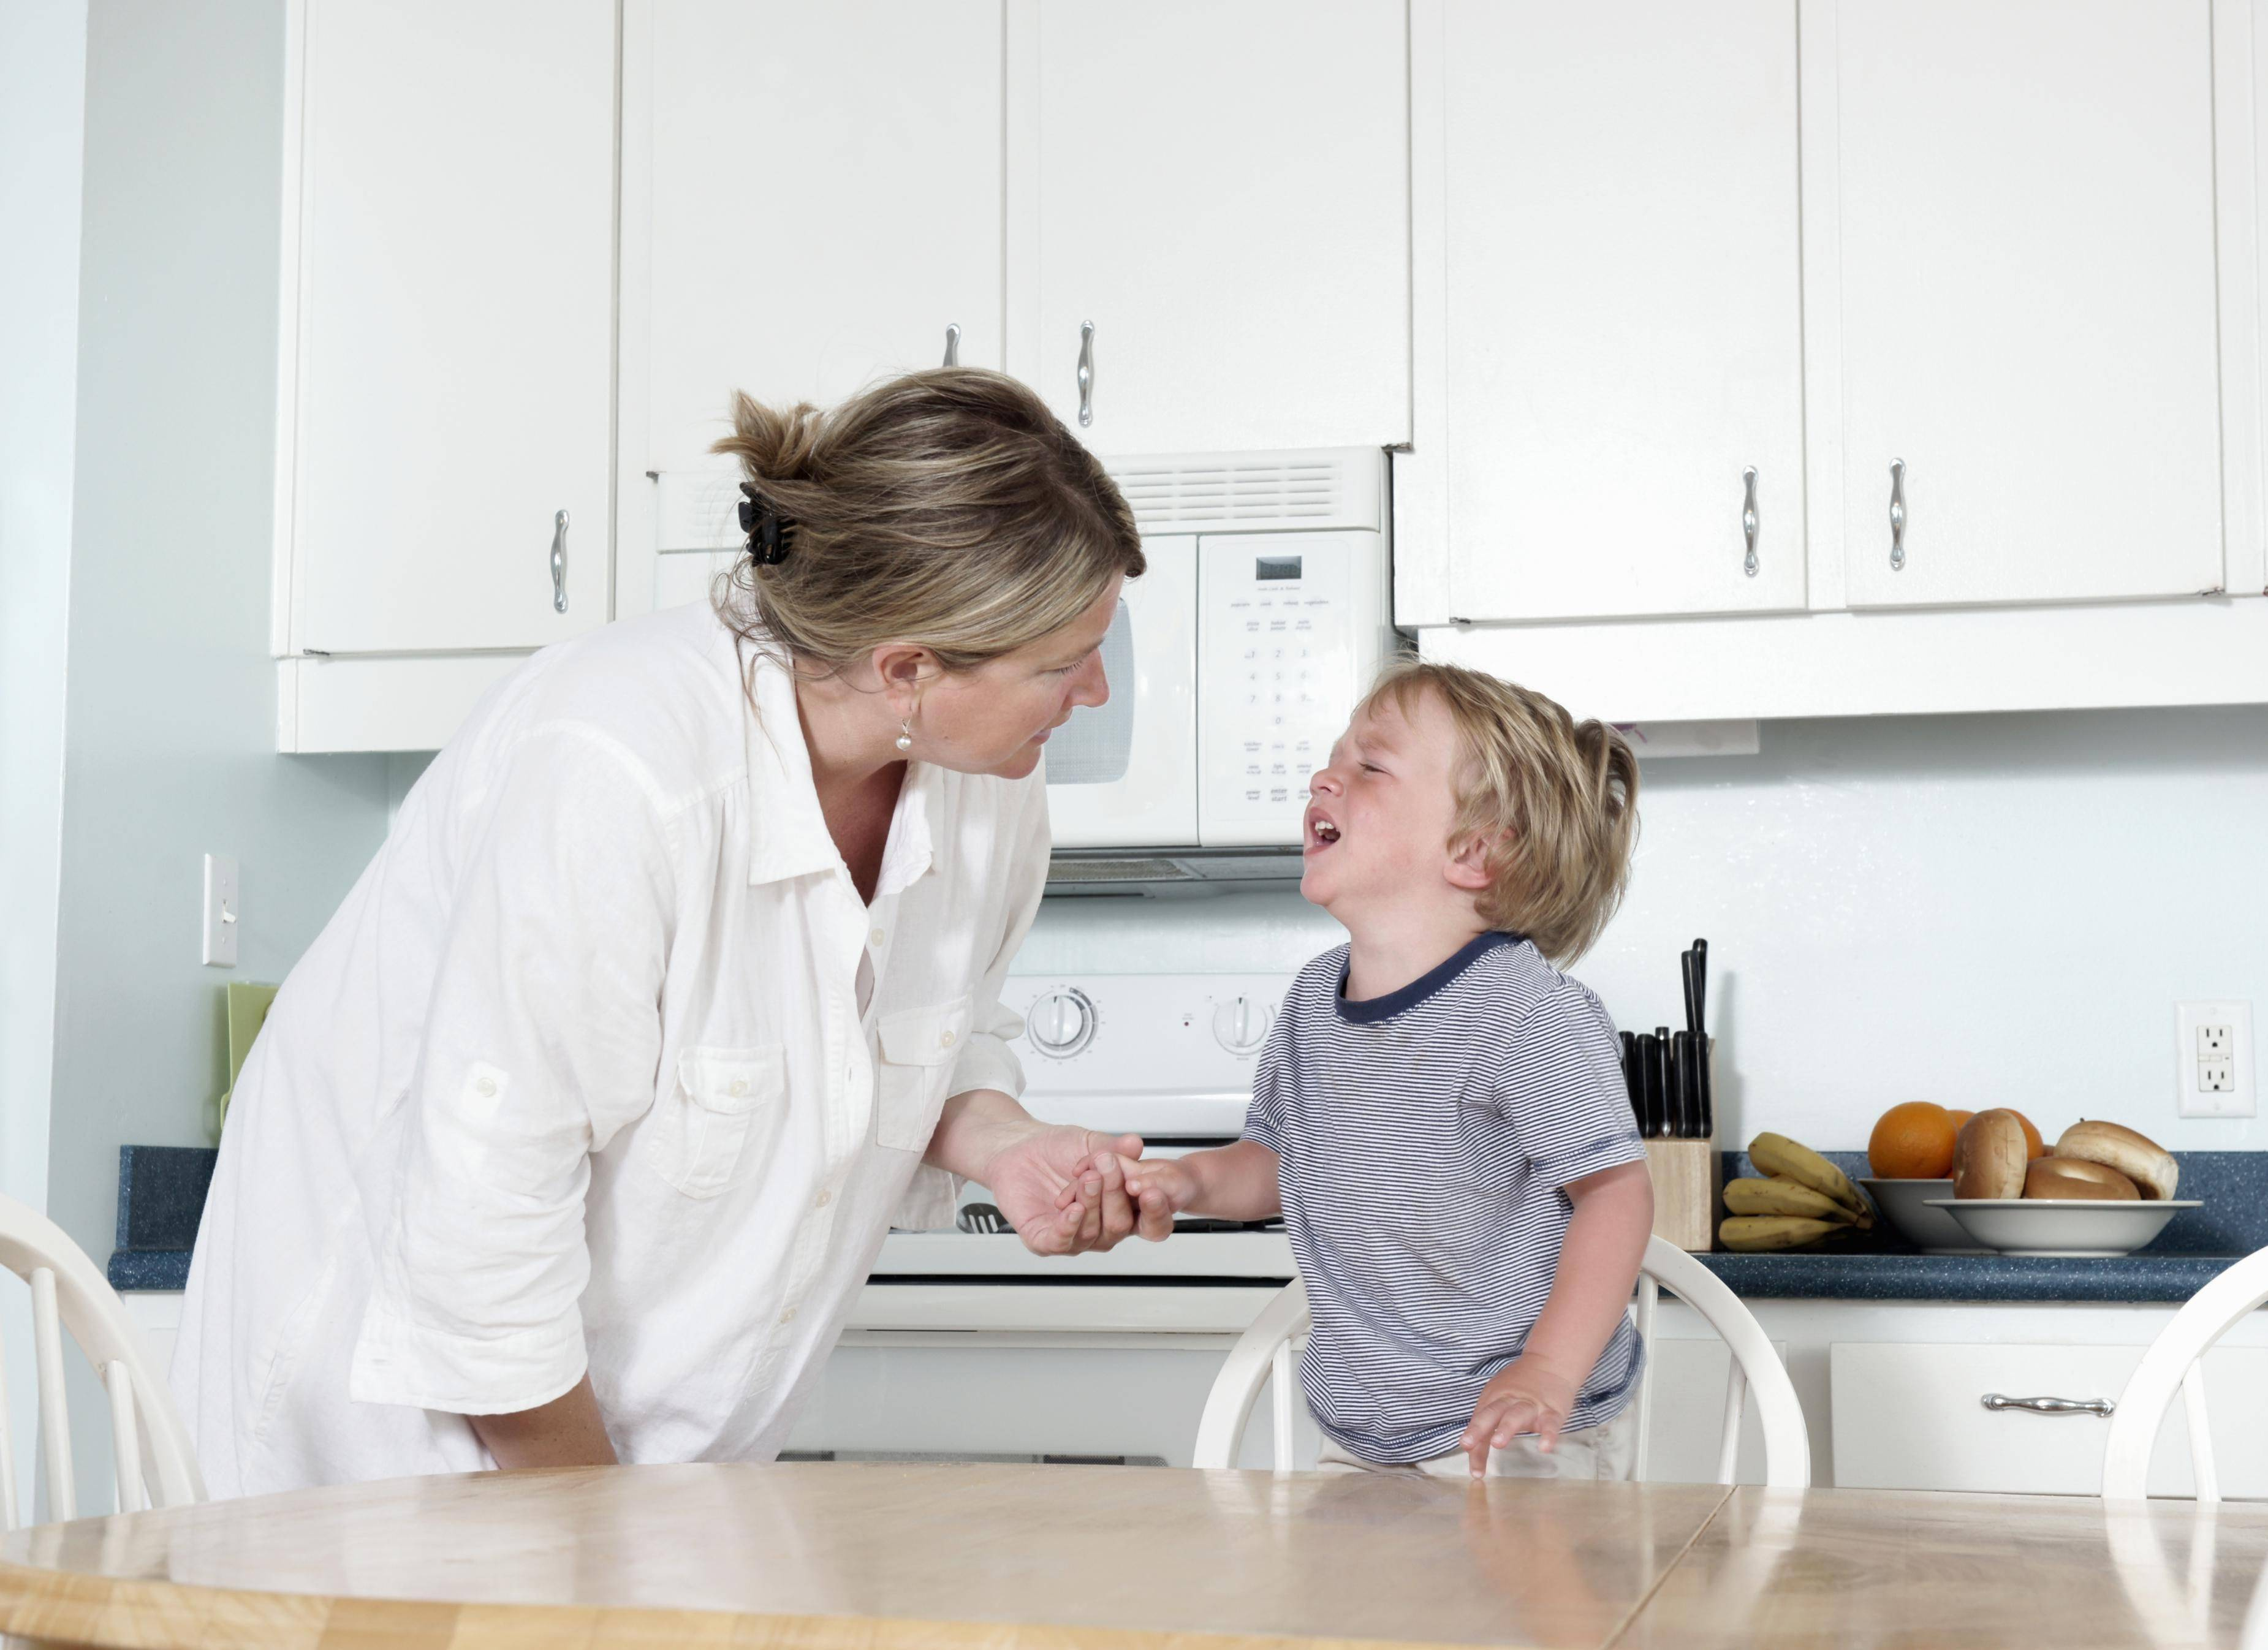 Как отучить ребенка ныть по любому поводу? психология детского возраста. ребенок ноет и плачет по любому поводу: что делать и как отучить малыша от «вредной привычки»? ребенку 8 лет плачет любому поводу